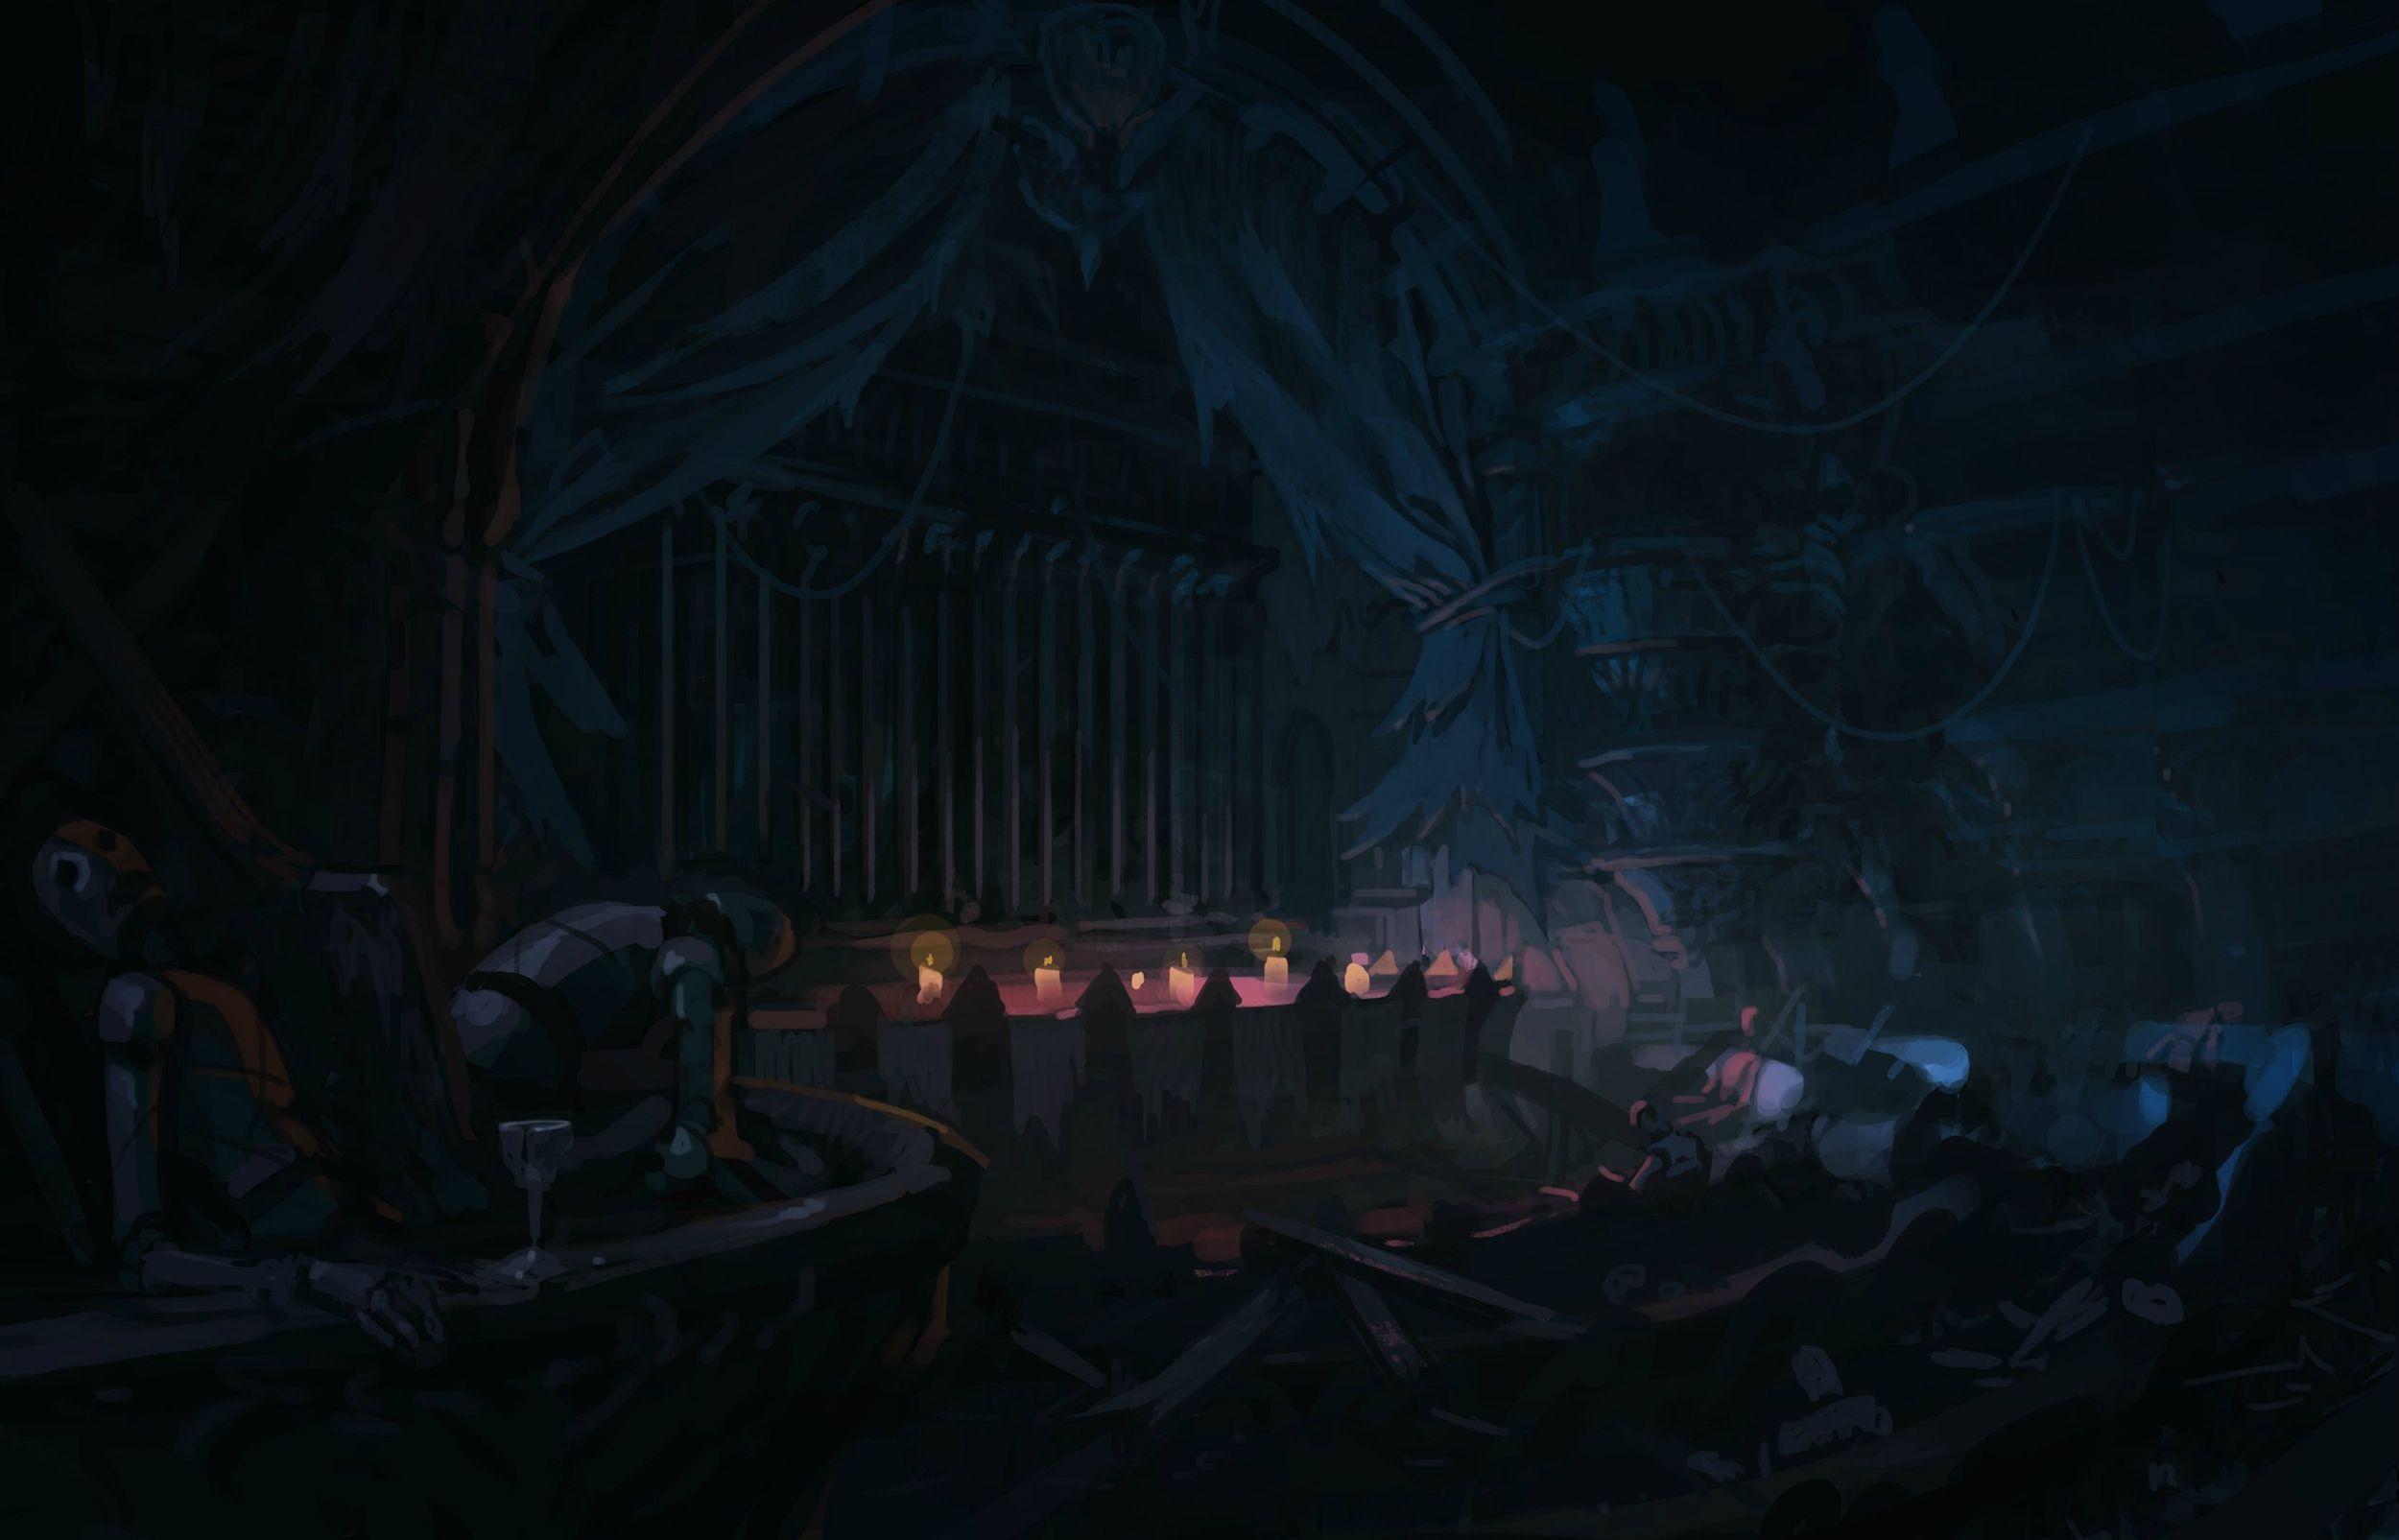 Castlevania-LordsofShadow-MirrorofFate 3DS Visuel 008